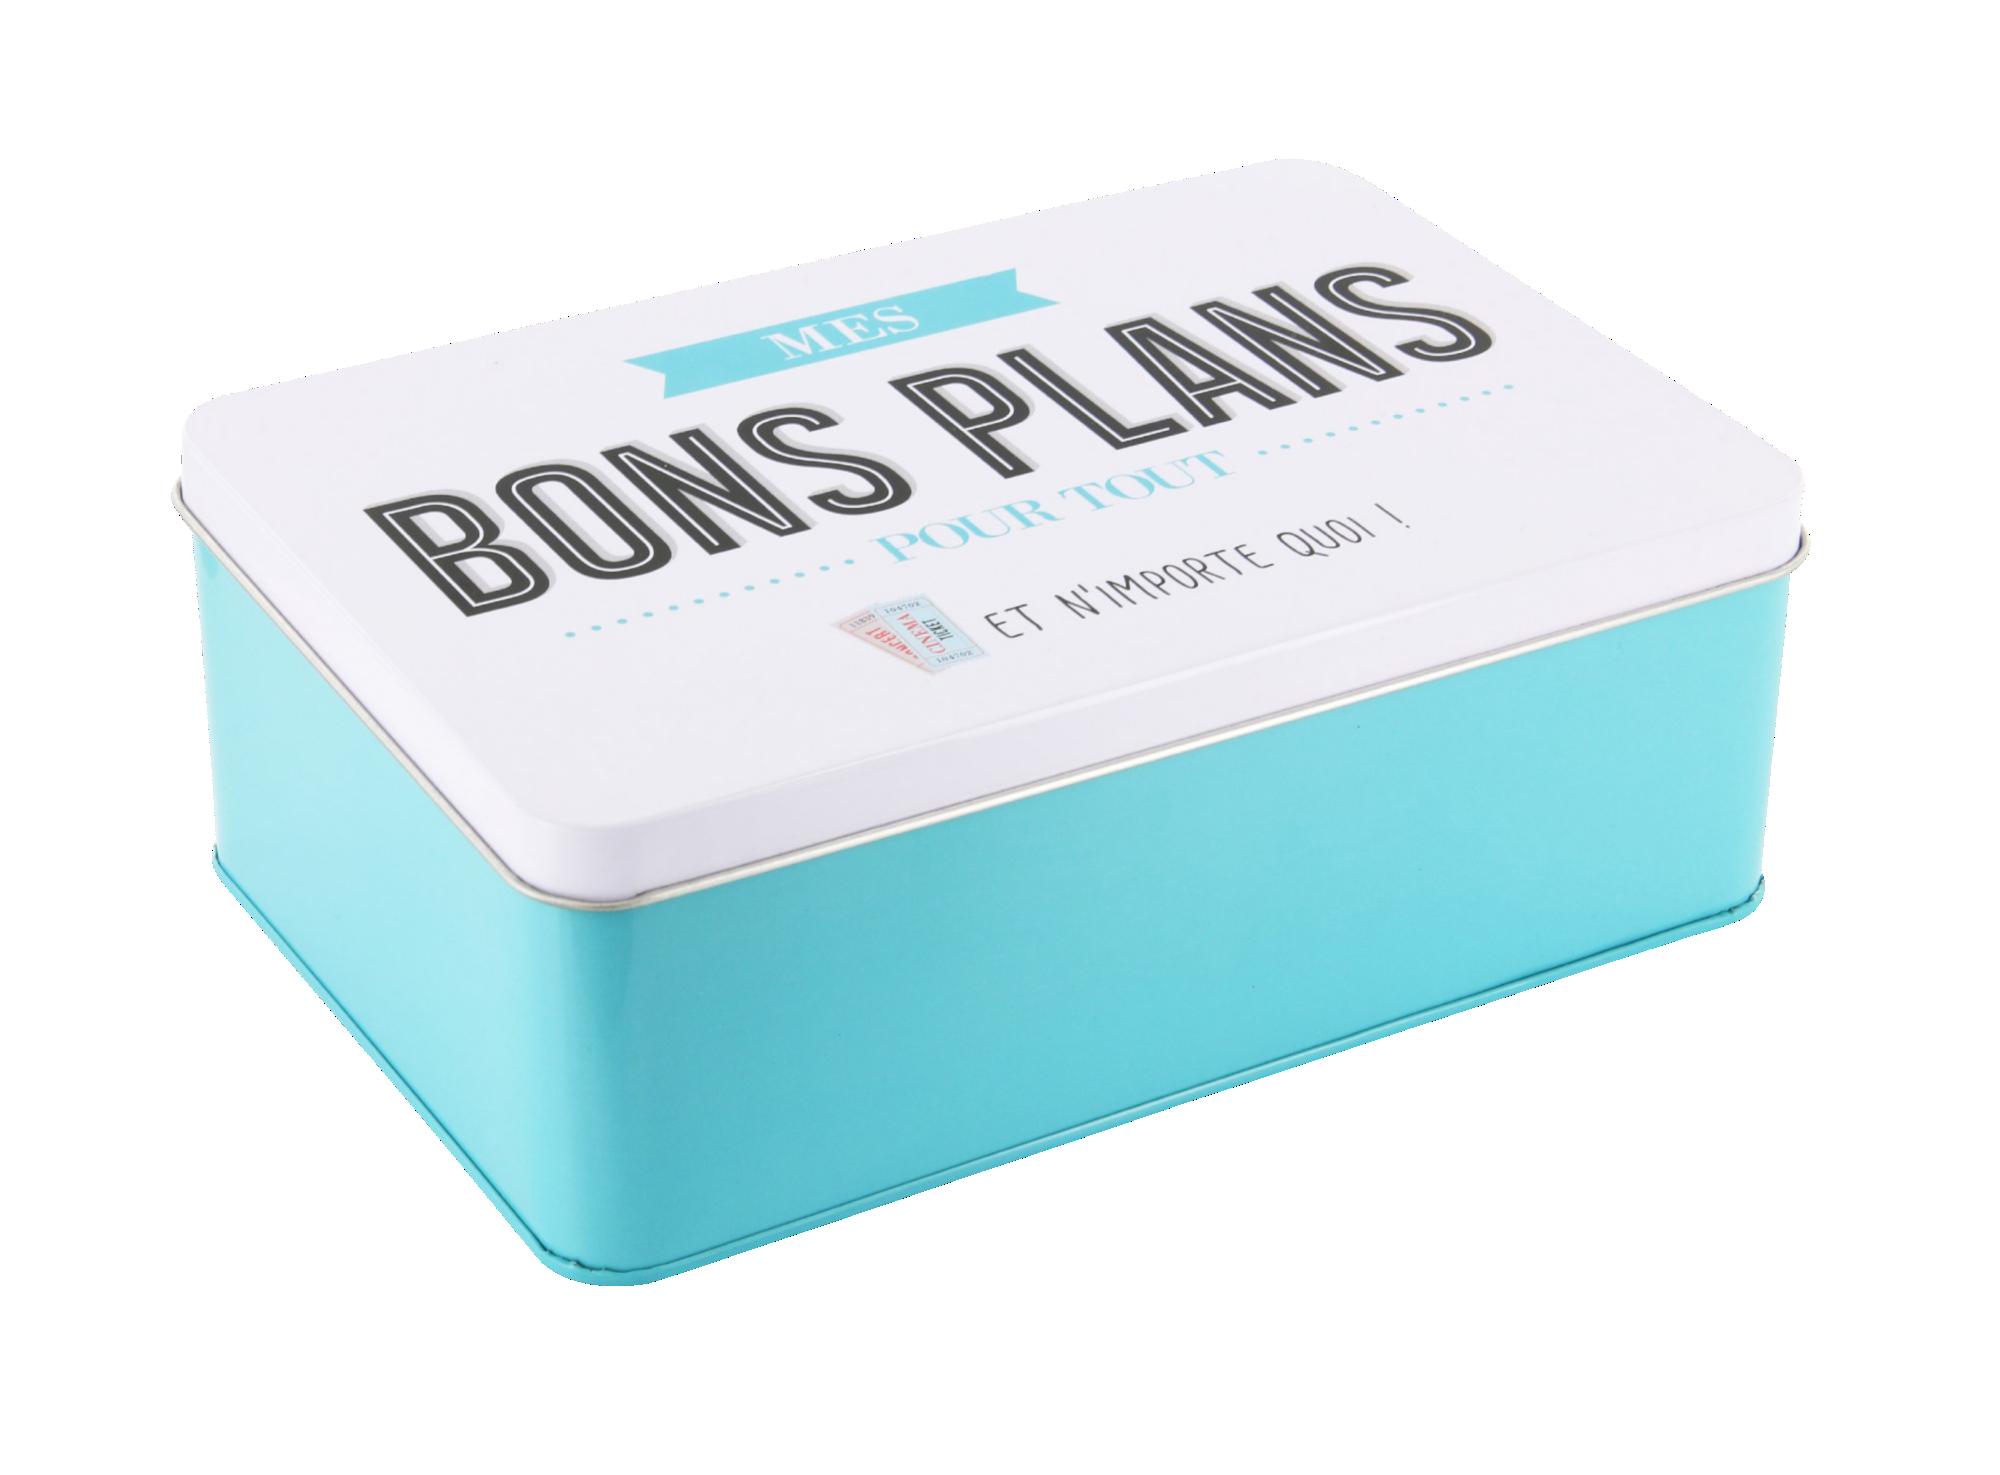 Boite a bons plans 19.9x13.5cm en metal - coloris bleu